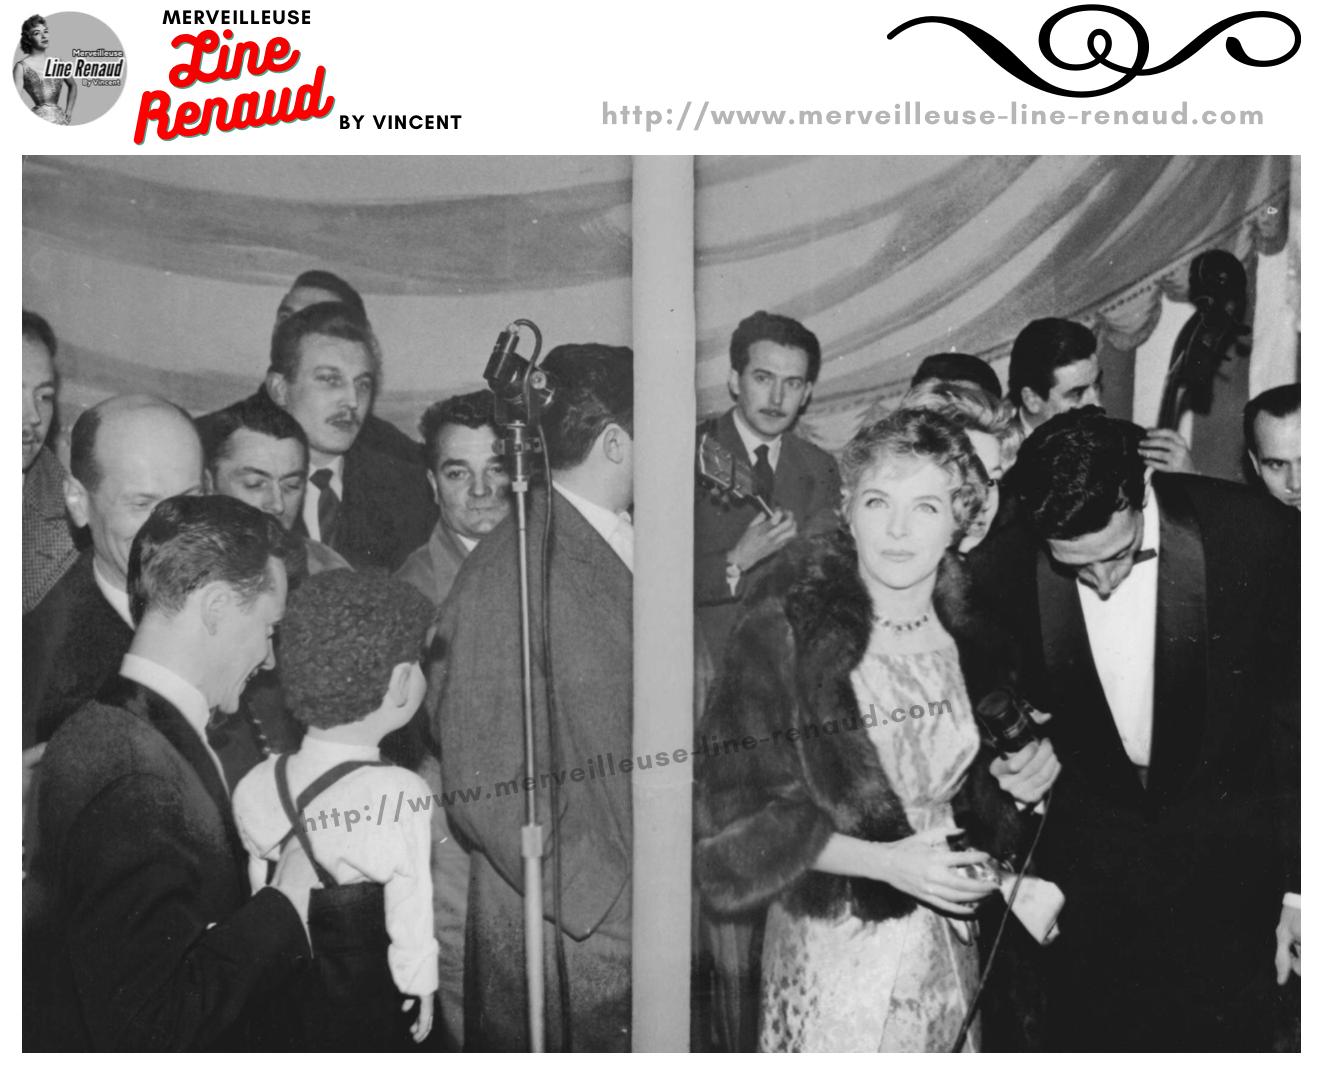 """PHOTOS: Line Renaud, Jacques Courtois et Philippe Clay dans l'émission """"36 chandelles"""" 20/01/1958"""